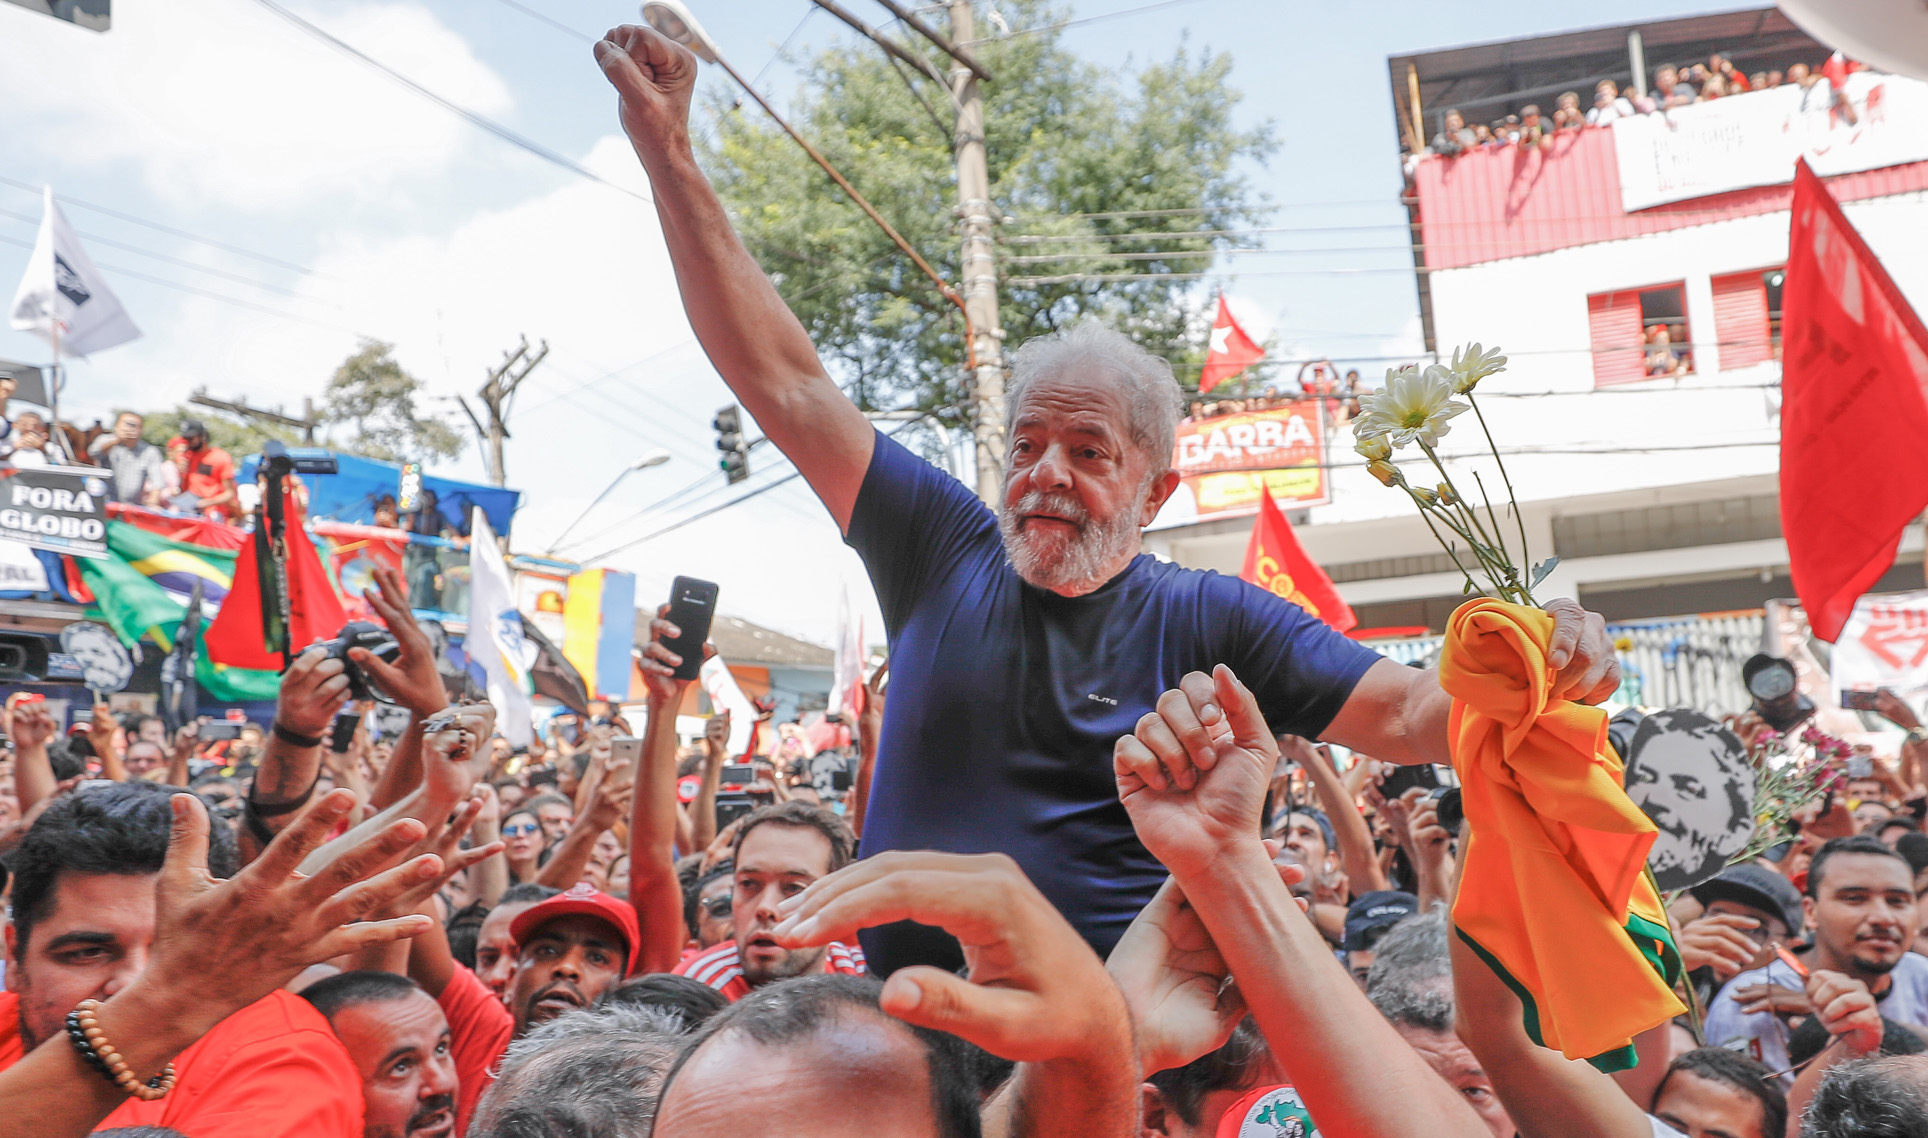 Petistas querem adotar sobrenome 'Lula' no painel de votações da Câmara